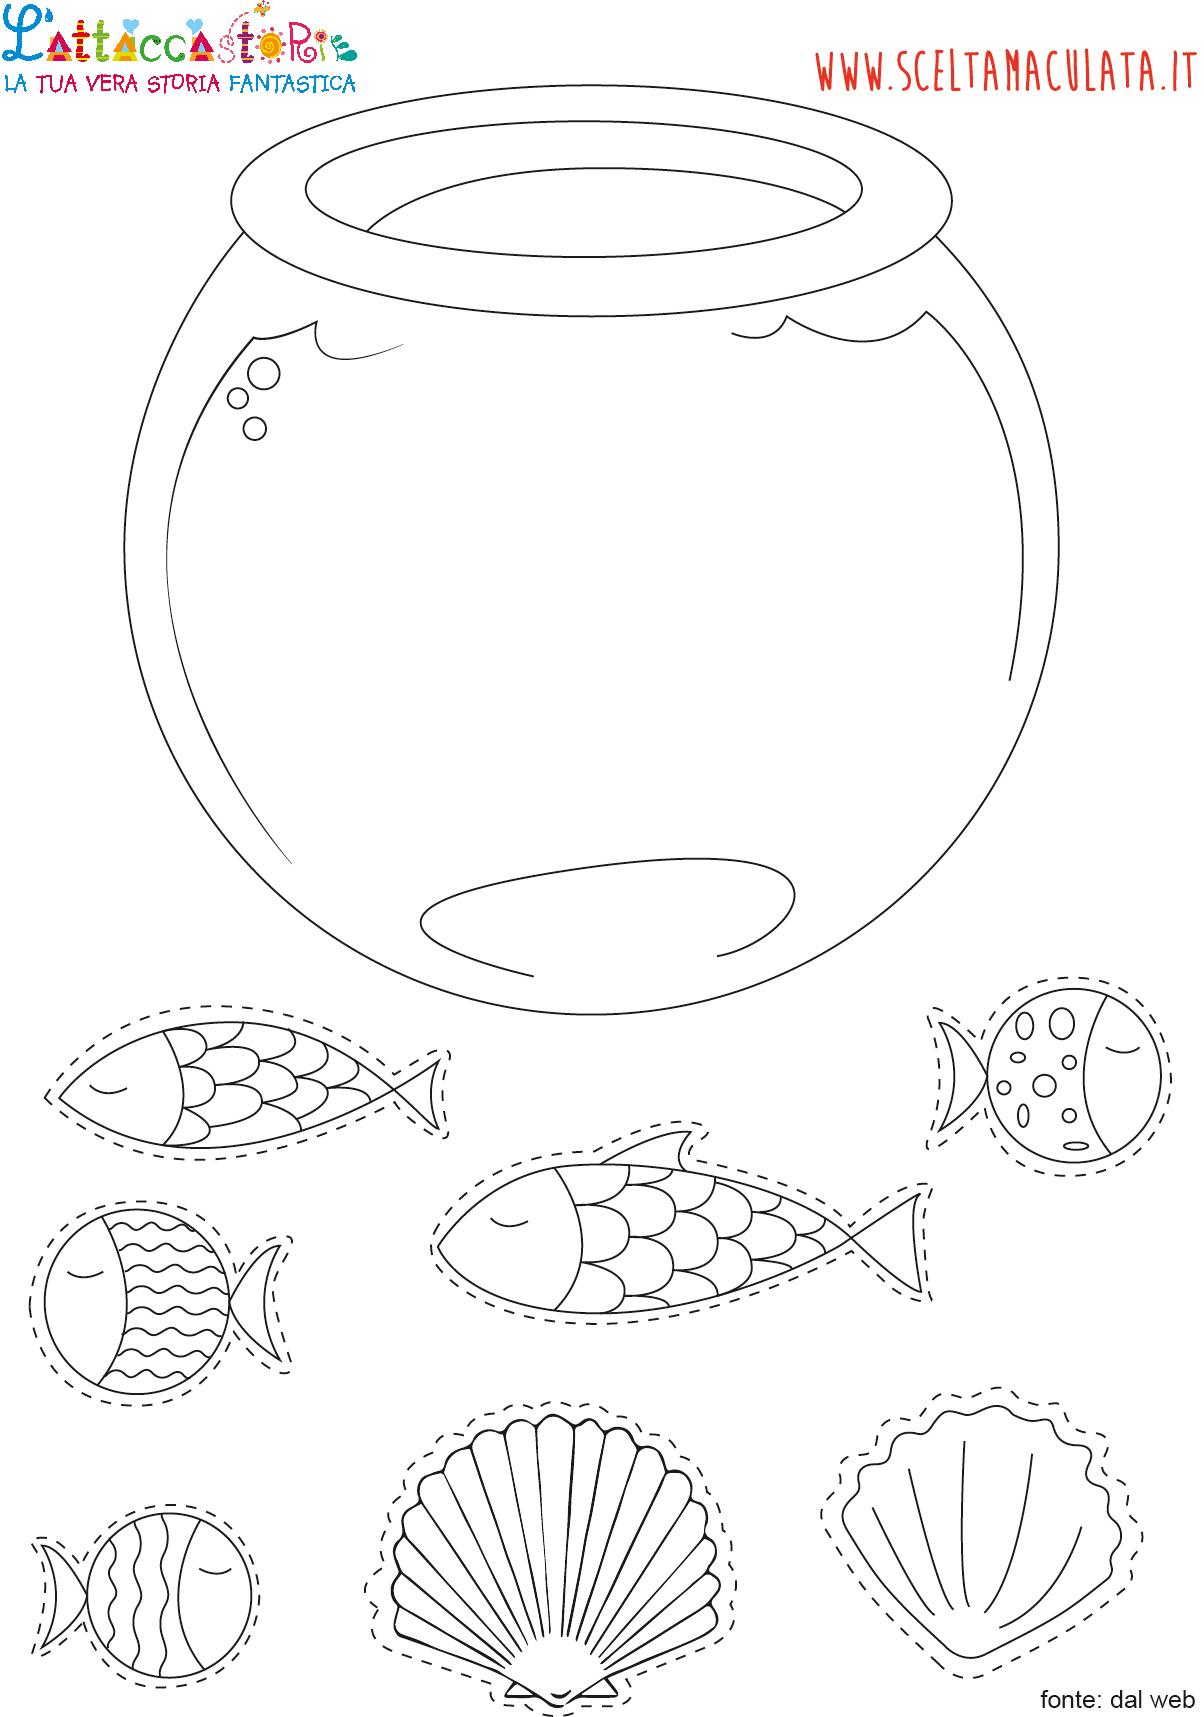 Scelta maculata autore a scelta maculata for Immagini di pesci da stampare